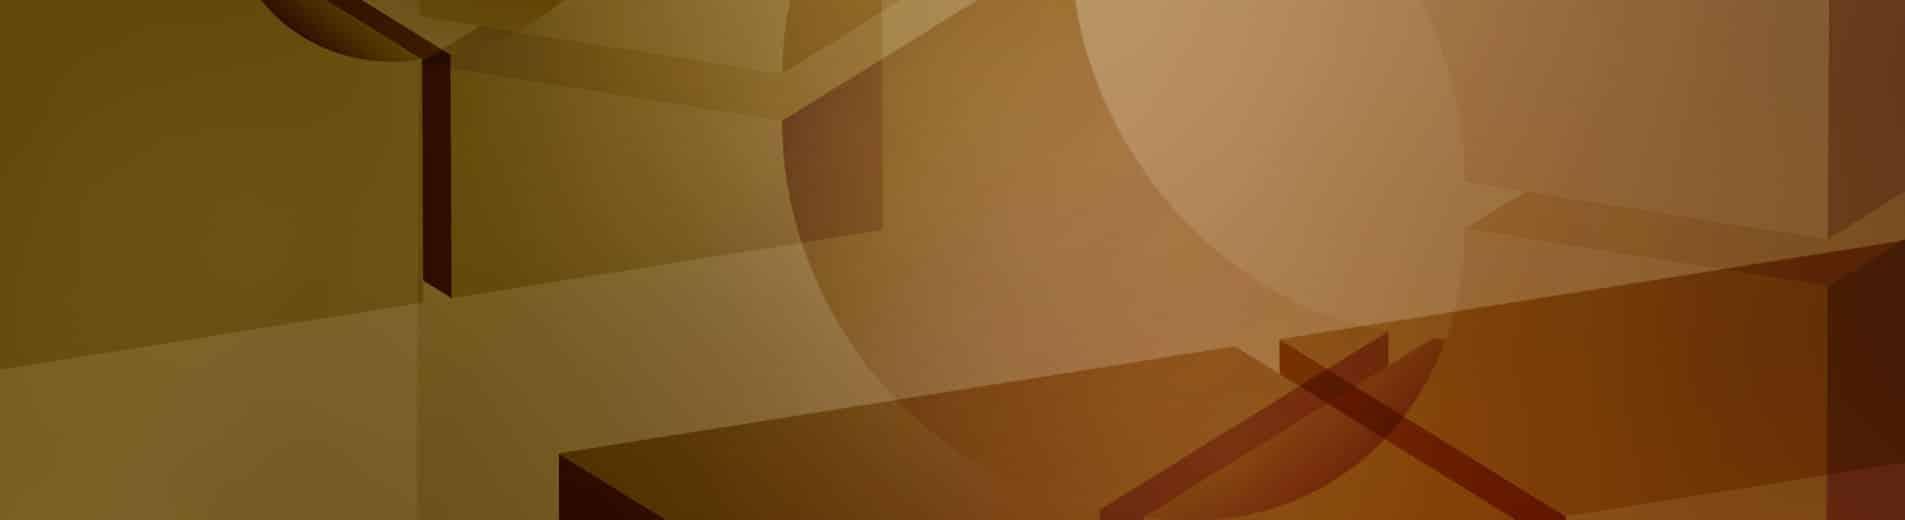 drilbridge banner 2 | Applied OLAP